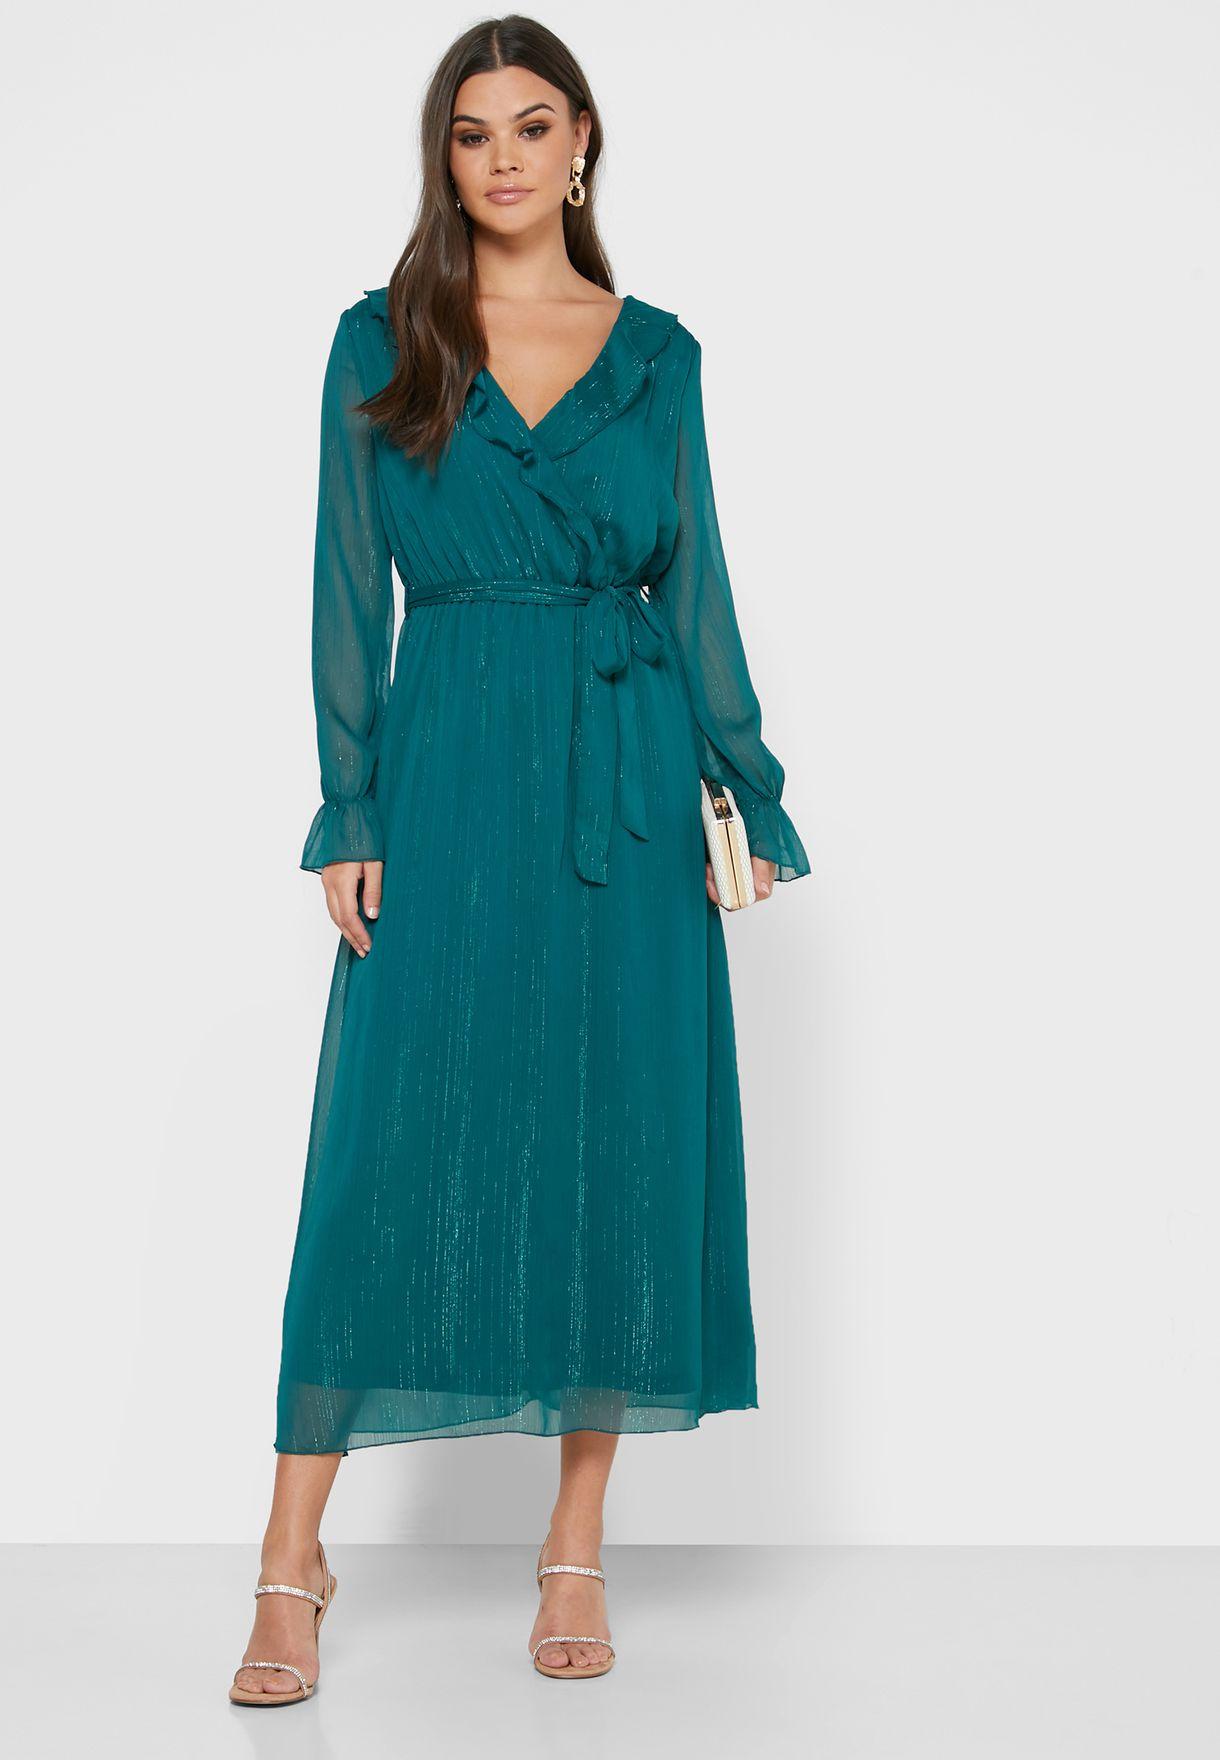 Frill Sleeve Chiffon Dress